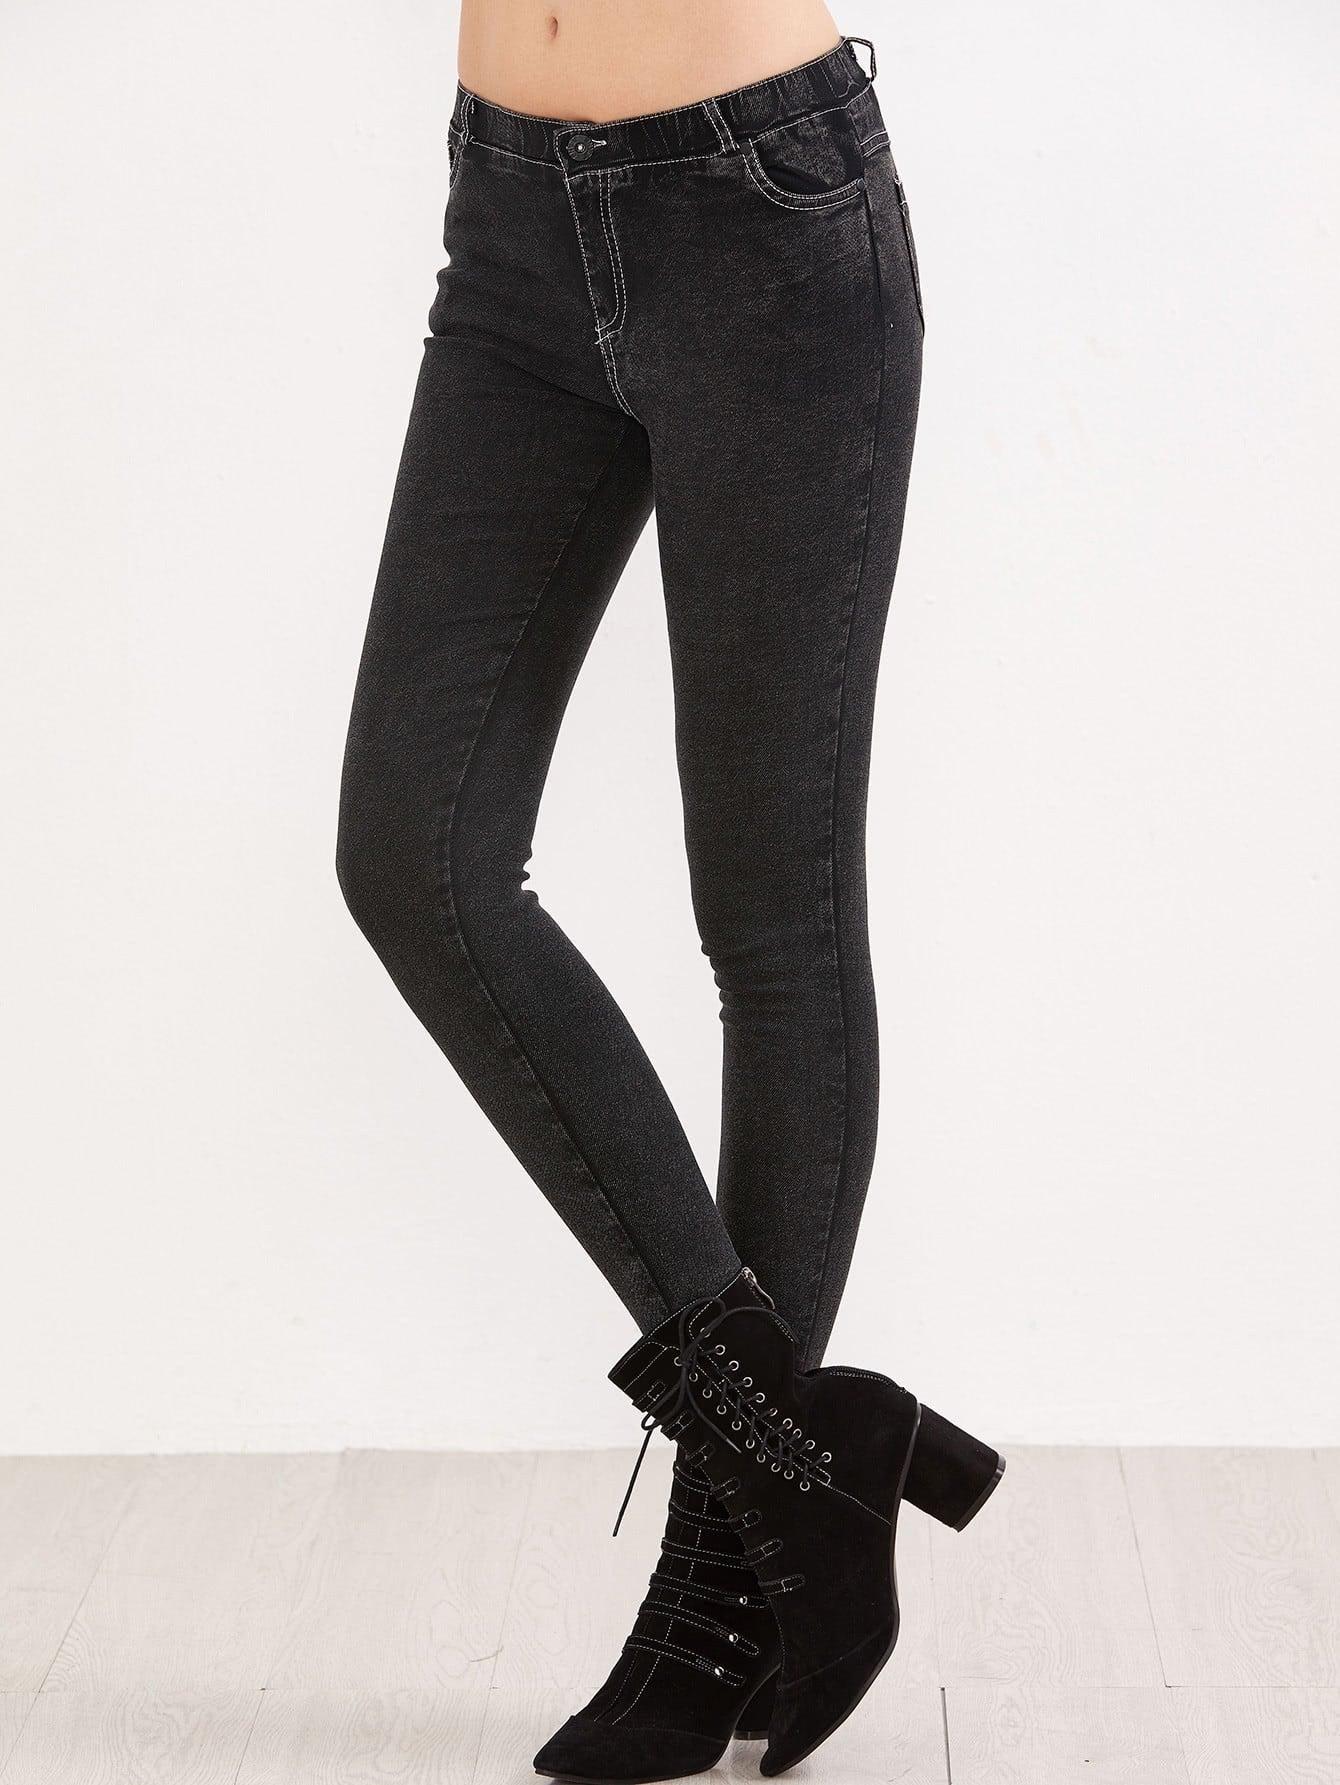 Купить Черные стрейч-карманные тощие джинсы, null, SheIn